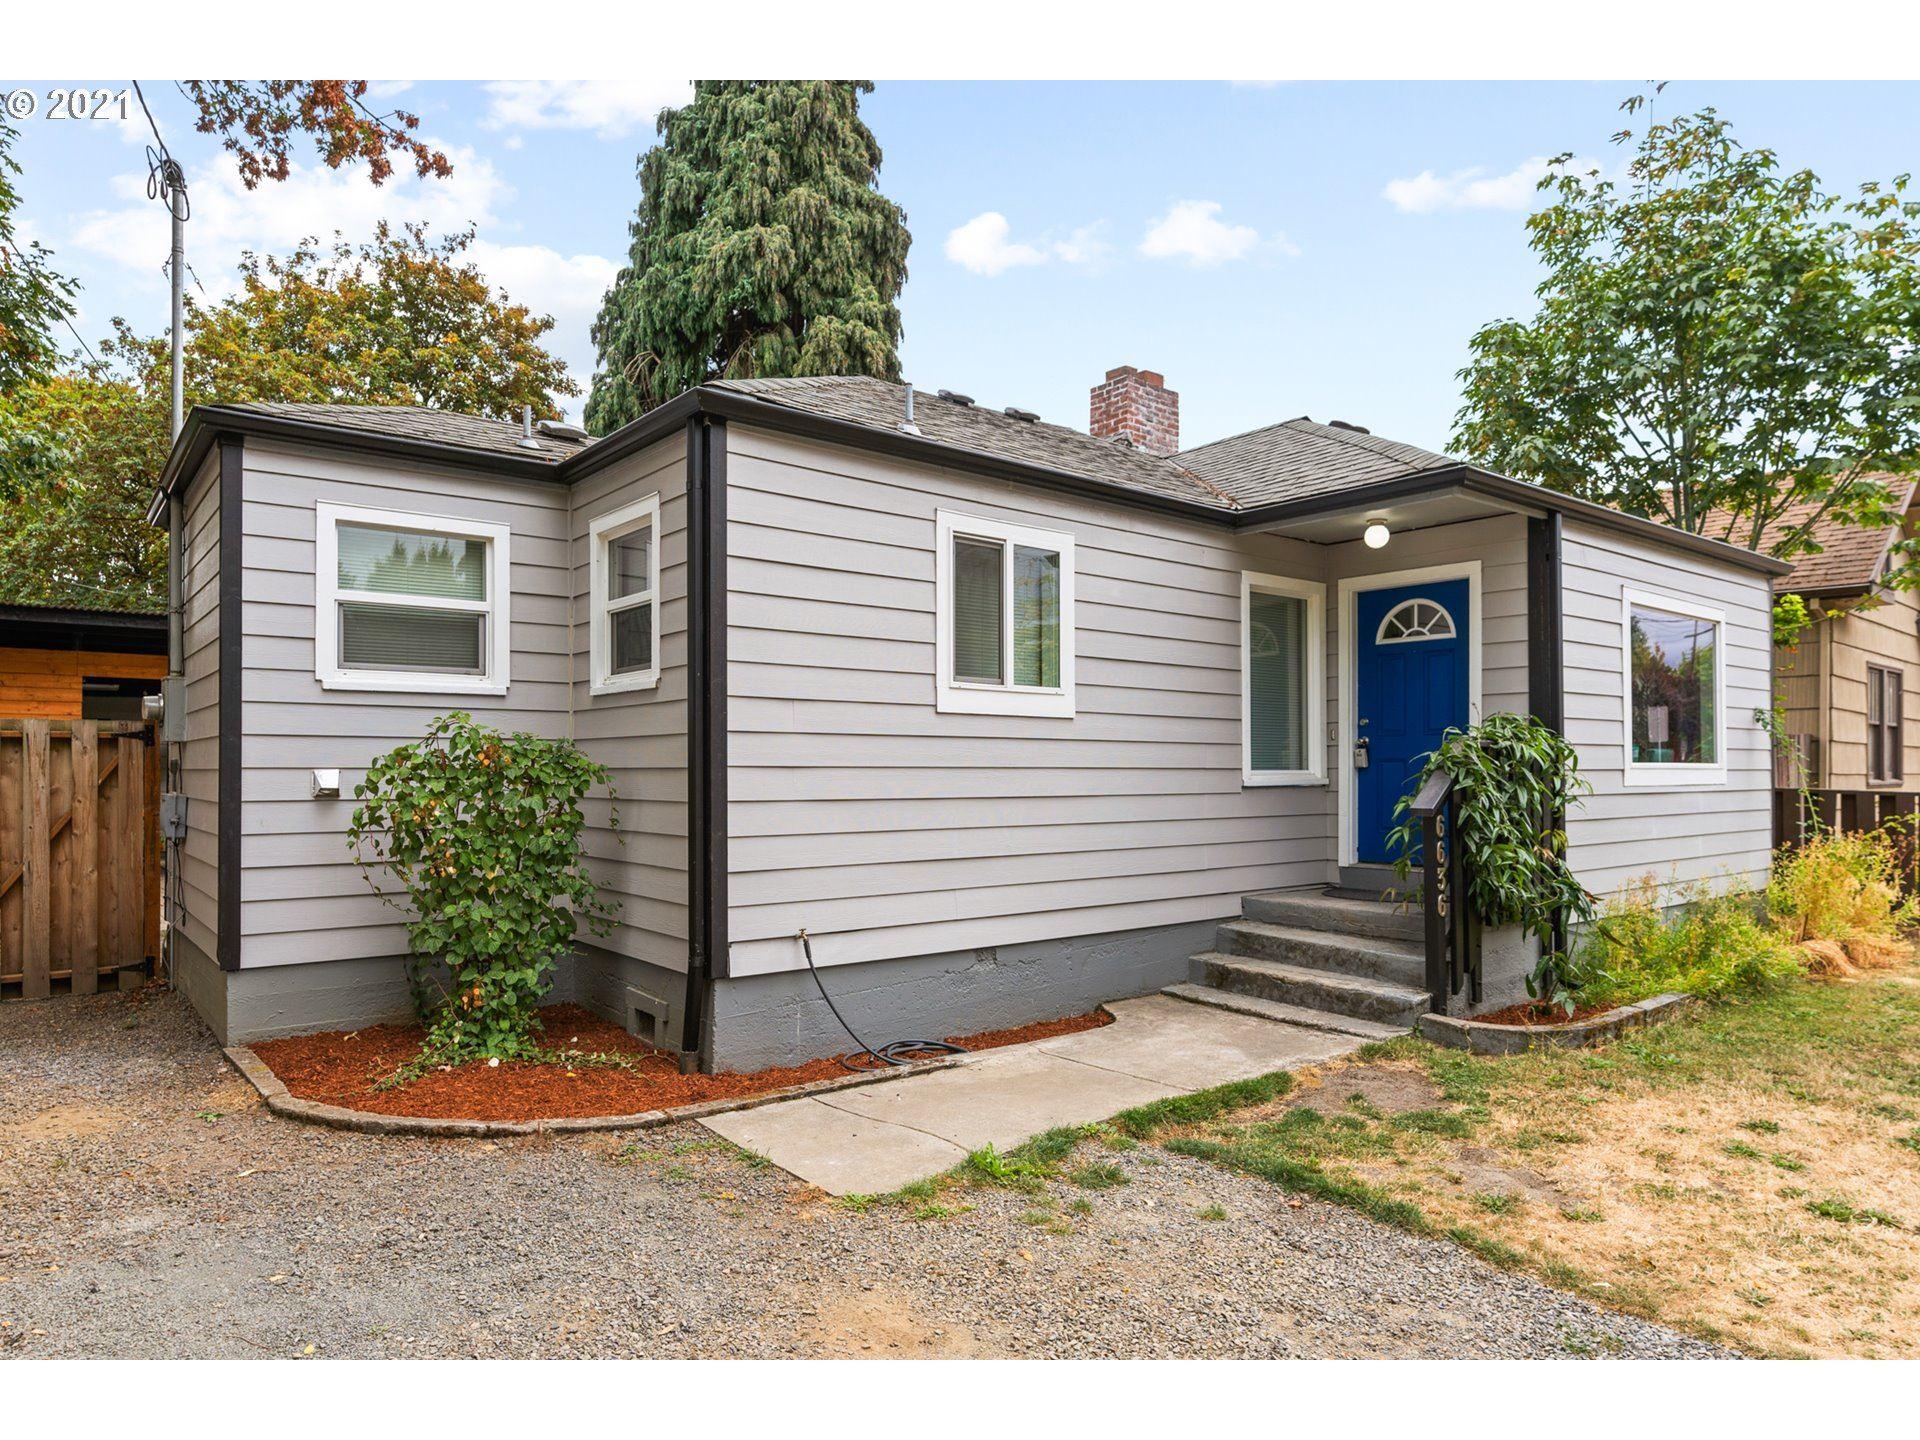 6636 N COLUMBIA WAY, Portland, OR 97203 - MLS#: 21557409